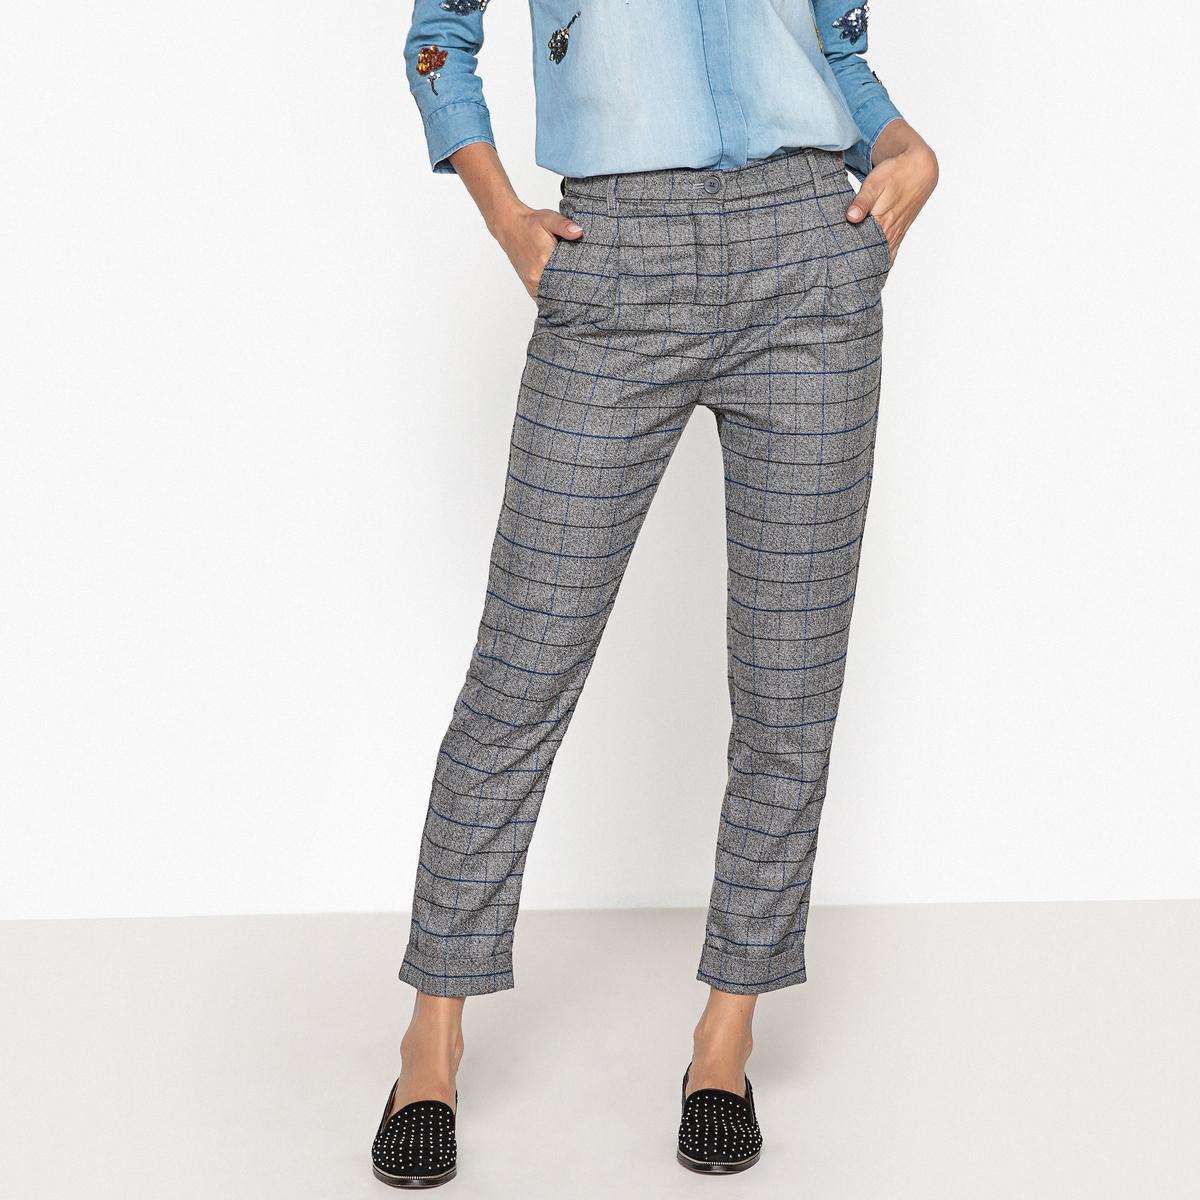 Брюки прямые COBY прямые брюки с застежкой на молнию cristina effe прямые брюки с застежкой на молнию